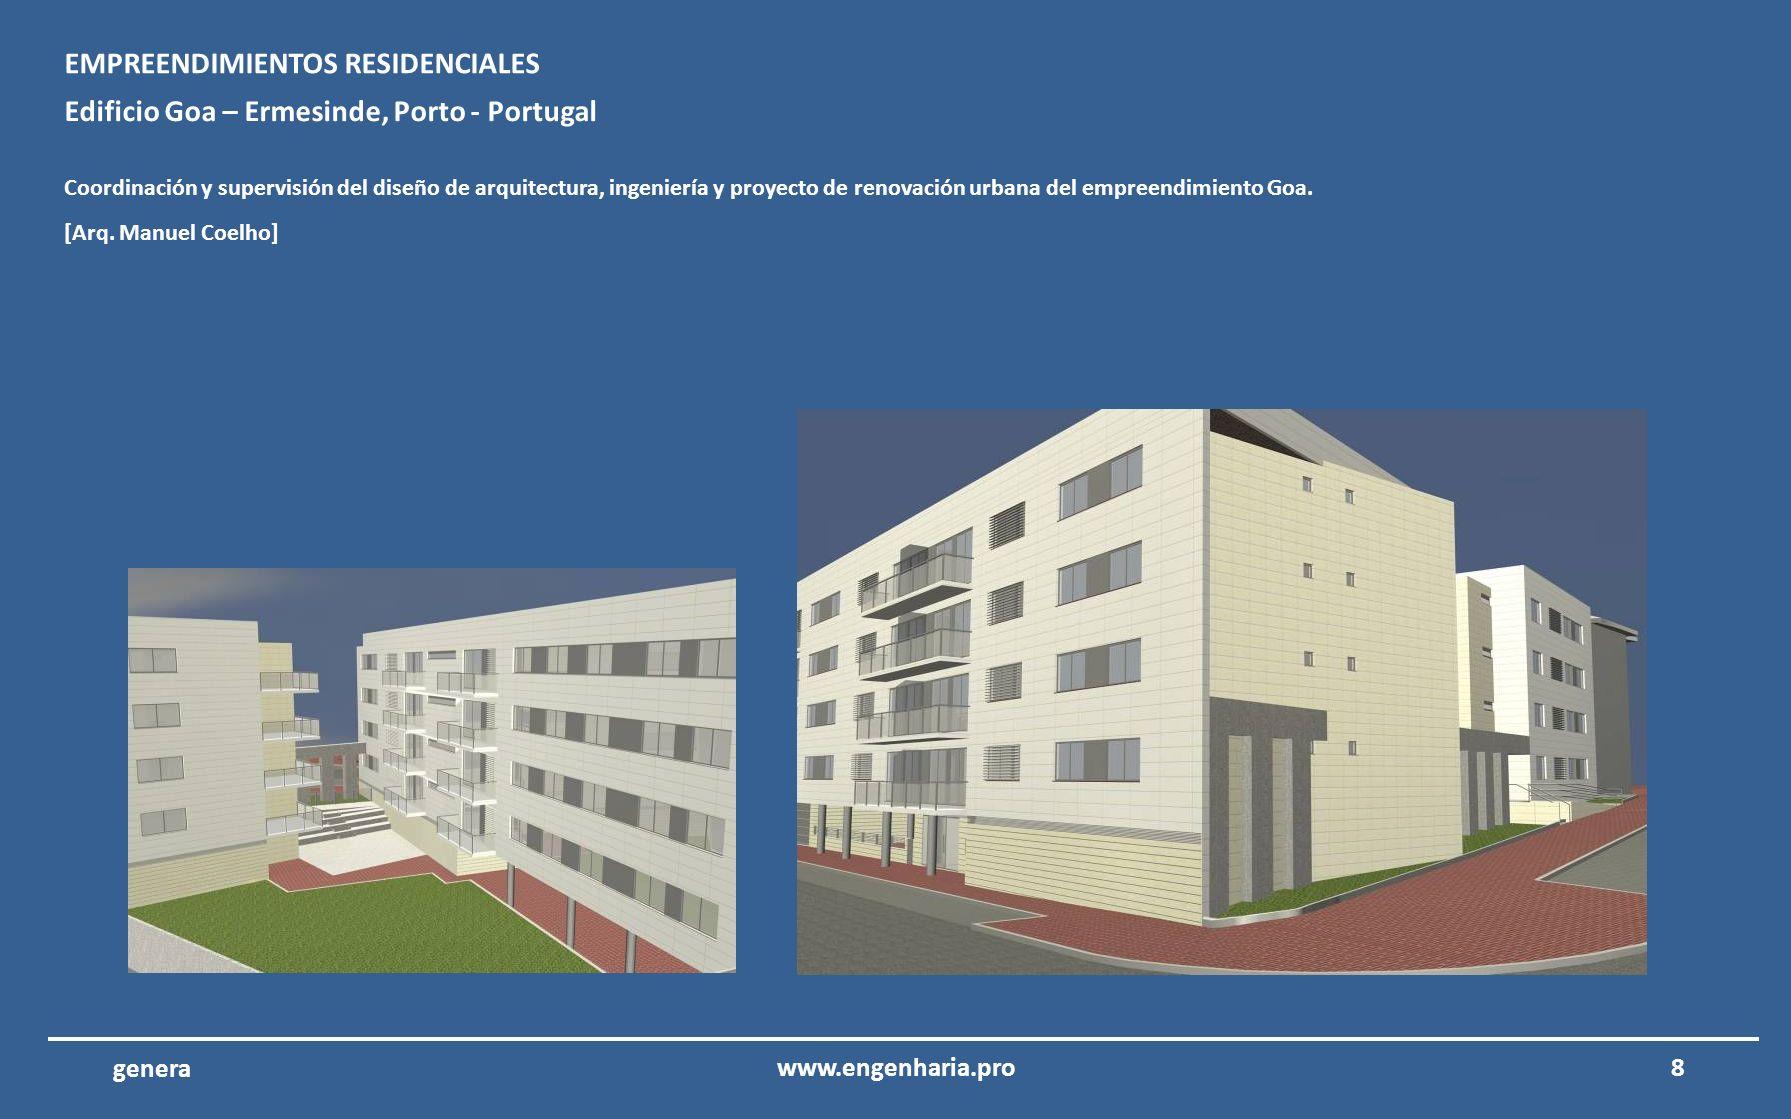 8www.engenharia.pro genera Edificio Goa – Ermesinde, Porto - Portugal Coordinación y supervisión del diseño de arquitectura, ingeniería y proyecto de renovación urbana del empreendimiento Goa.